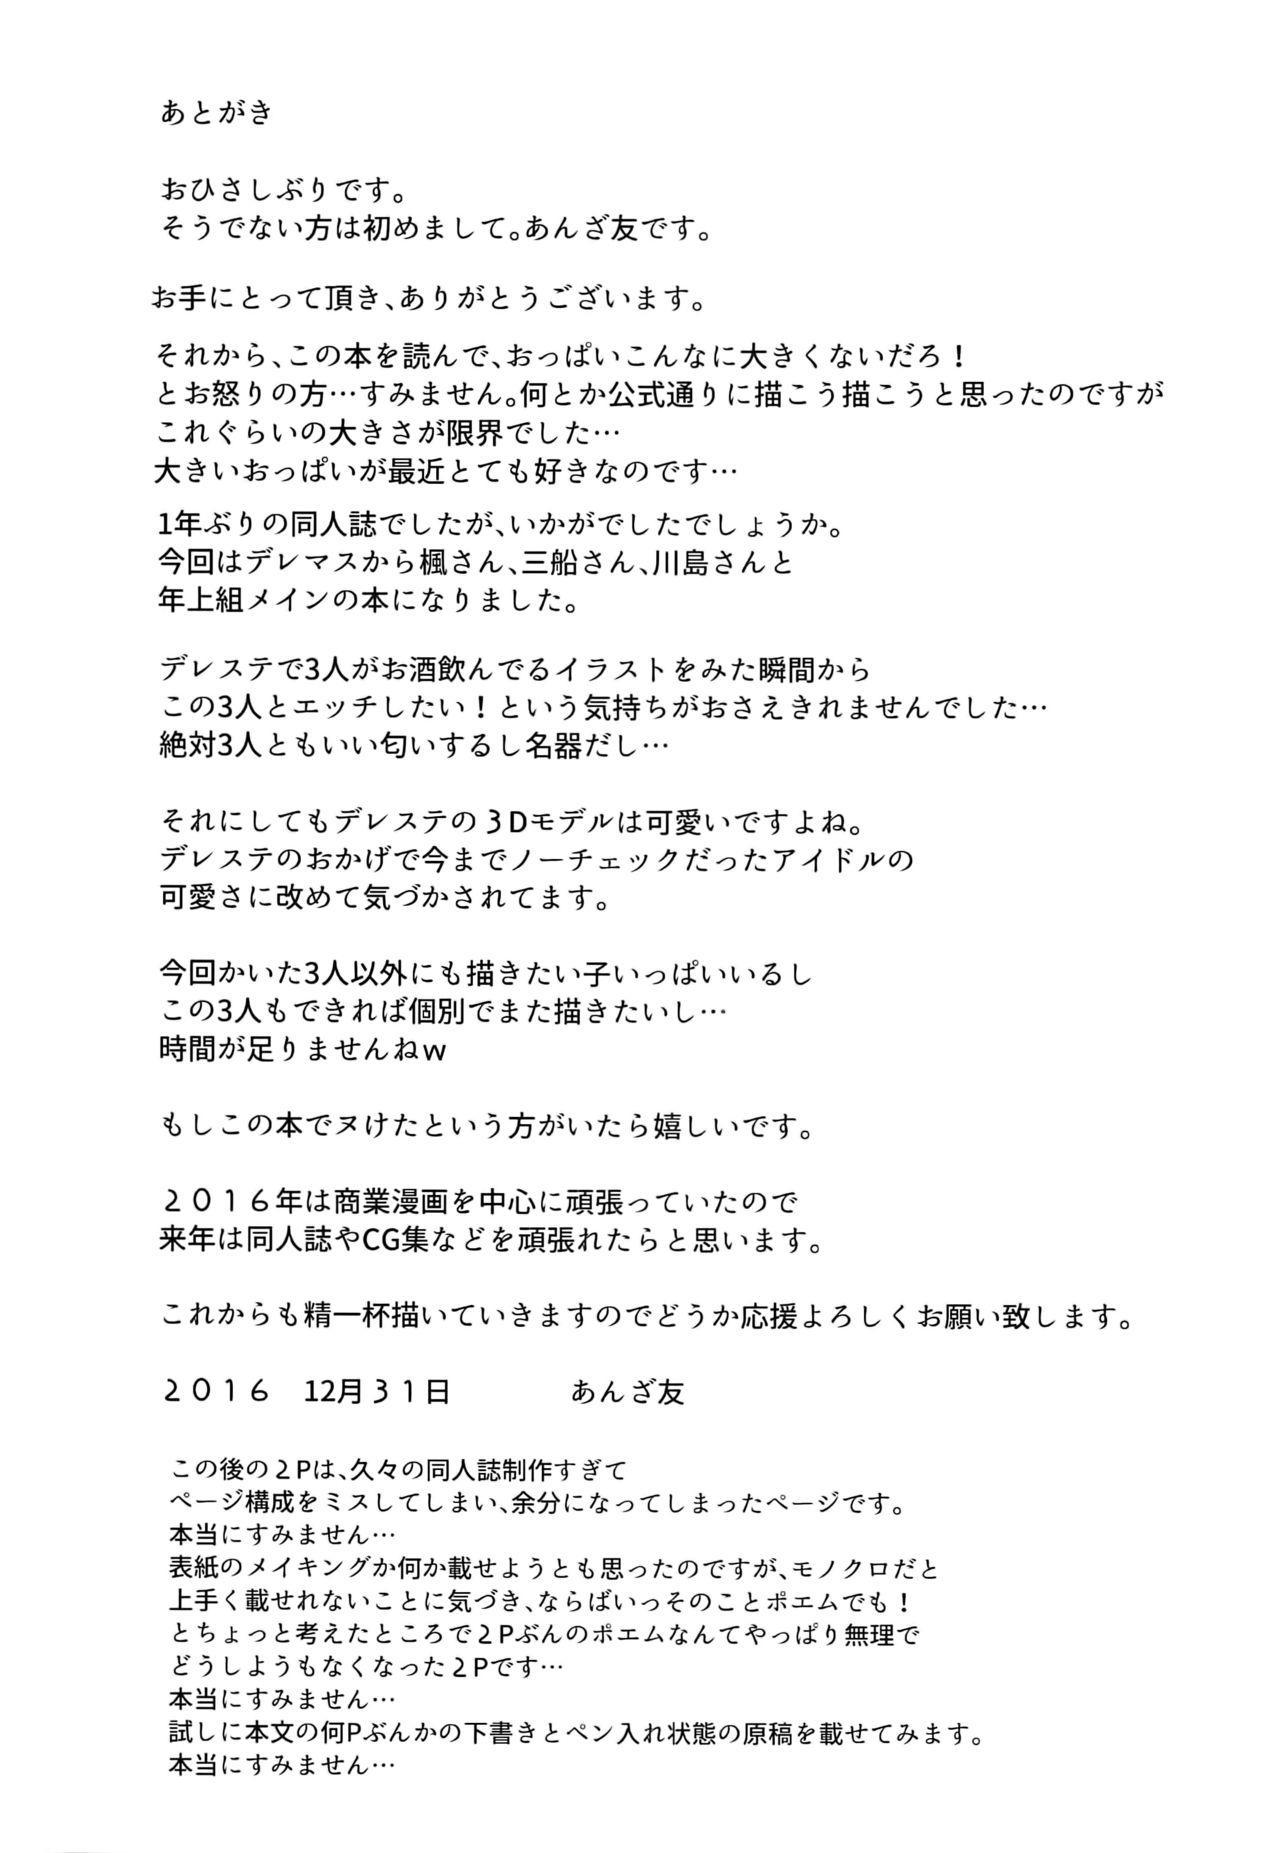 (C91) [Dekoboko Hurricane (Anza Tomo)] Kaede-san Kawashima-san Mifune-san no Ecchi na Hon (THE IDOLM@STER CINDERELLA GIRLS) 25